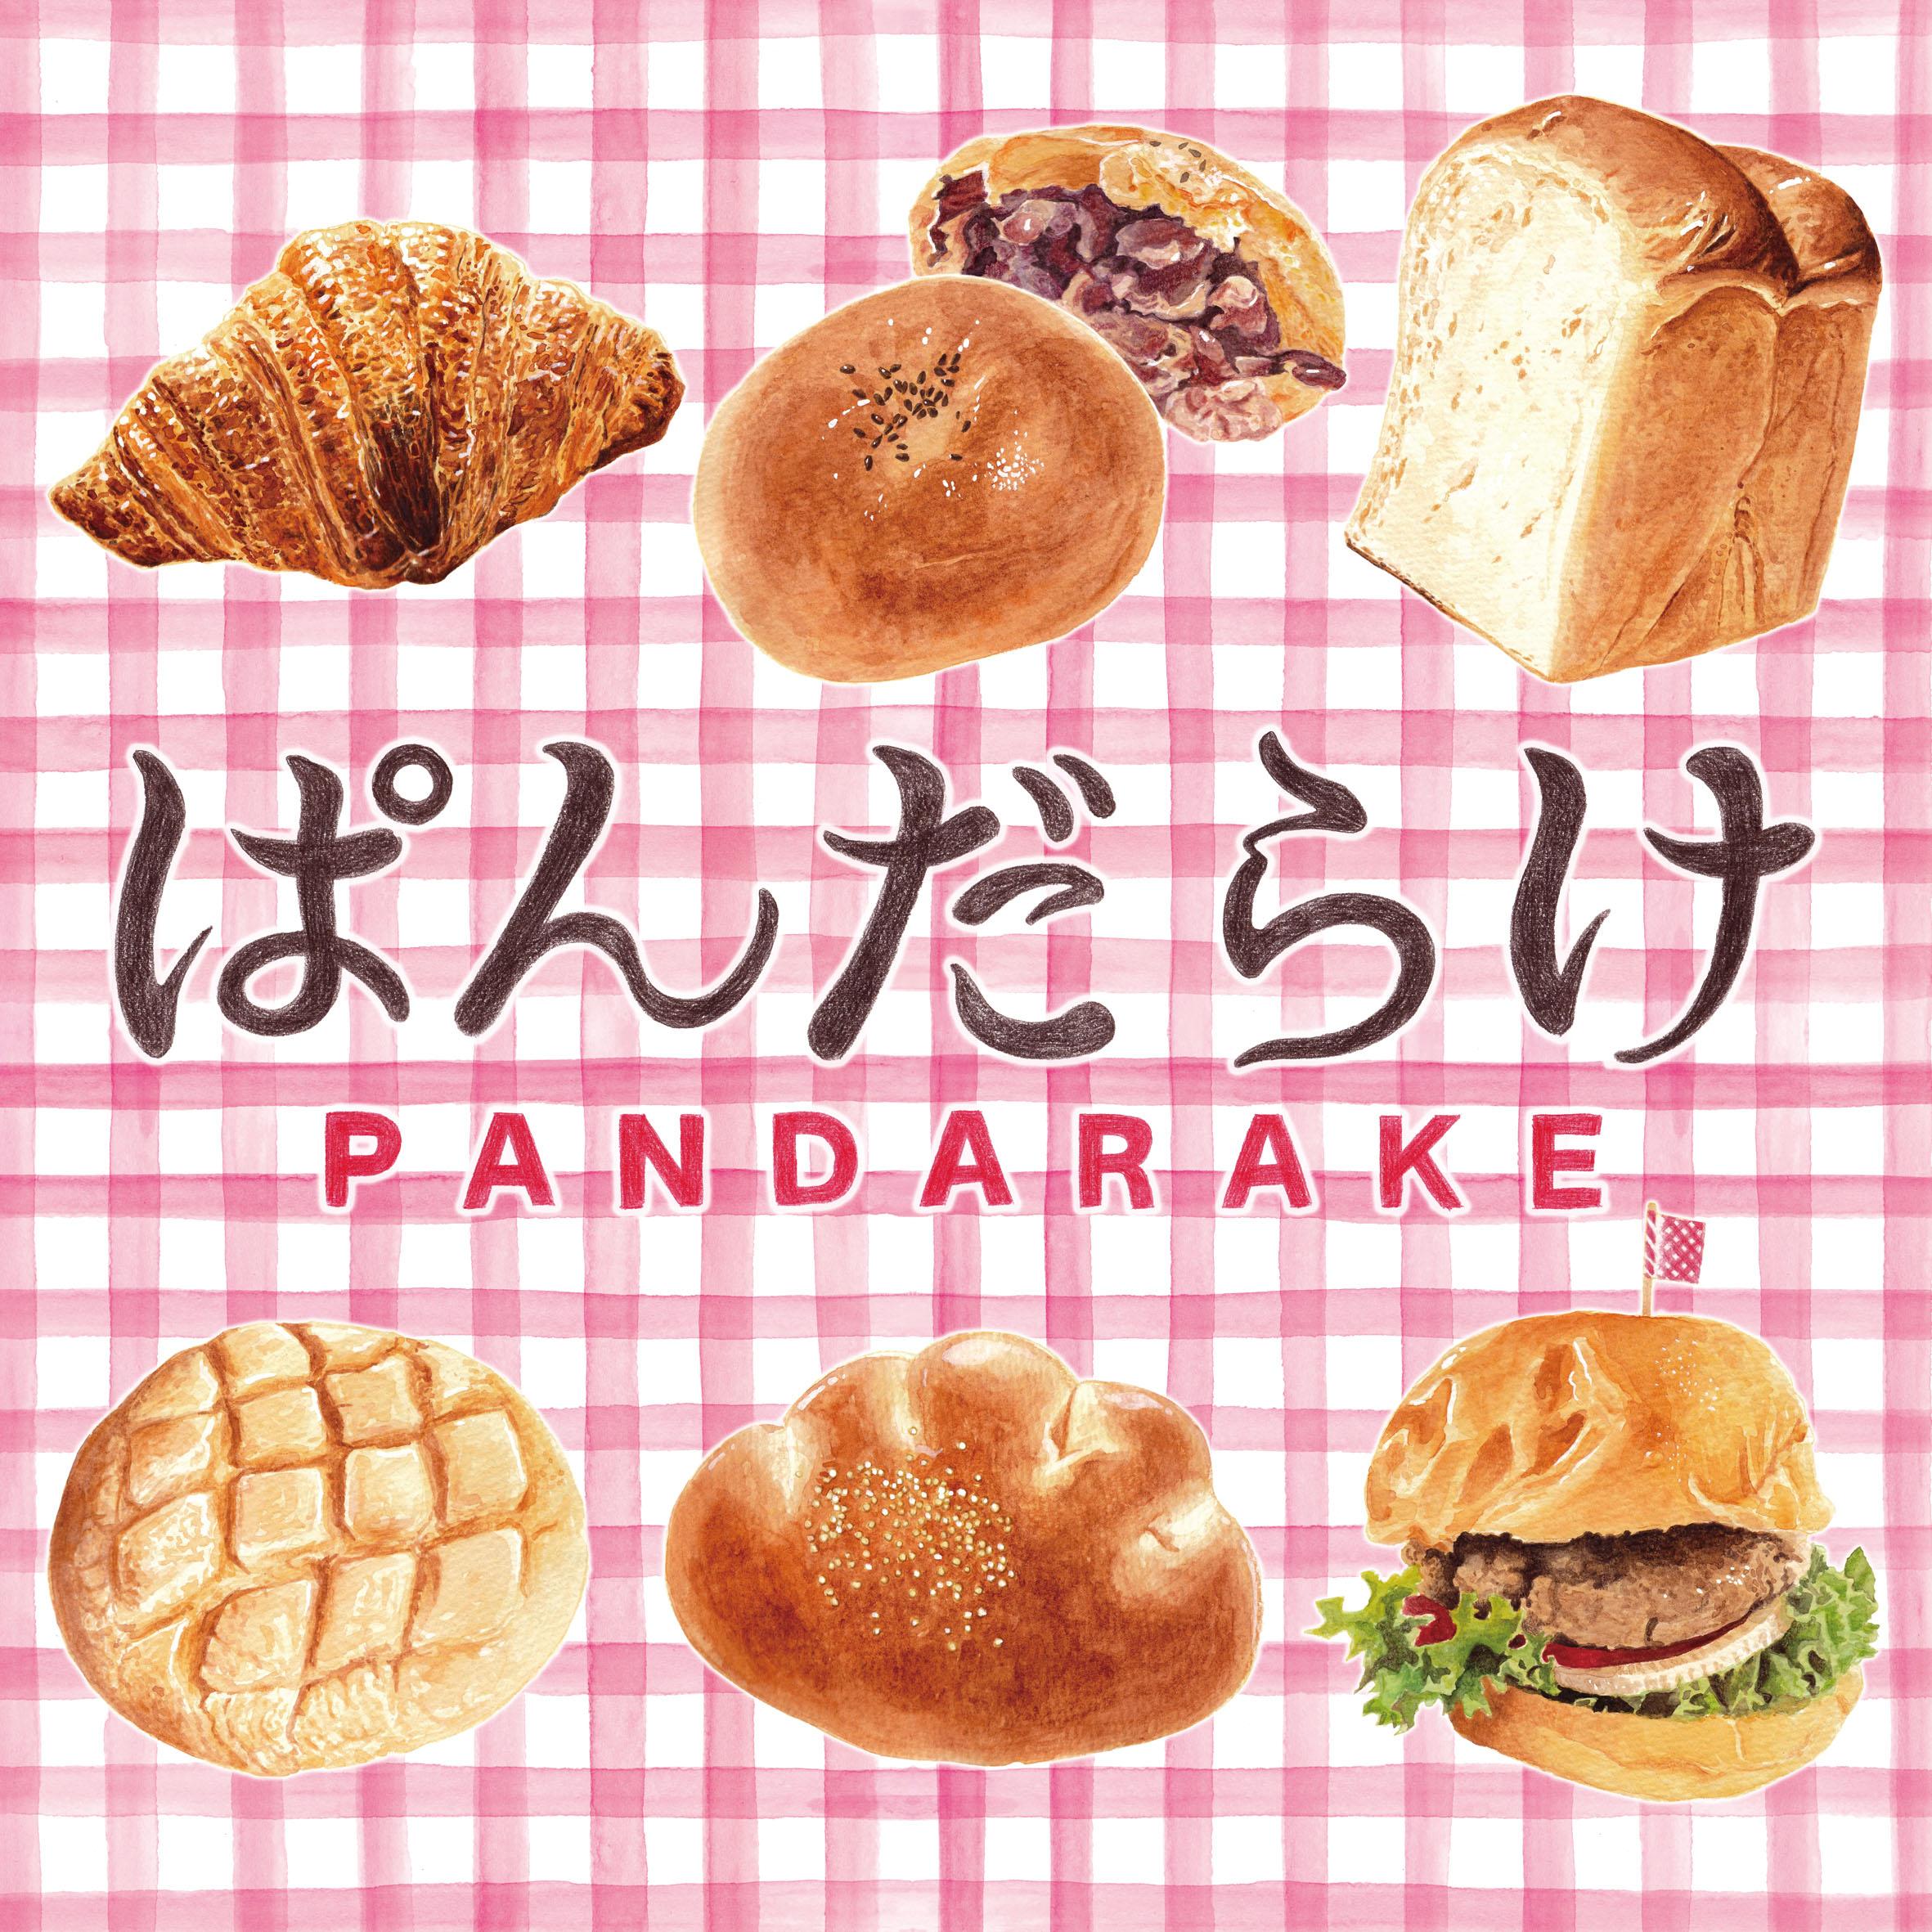 pandarake_image